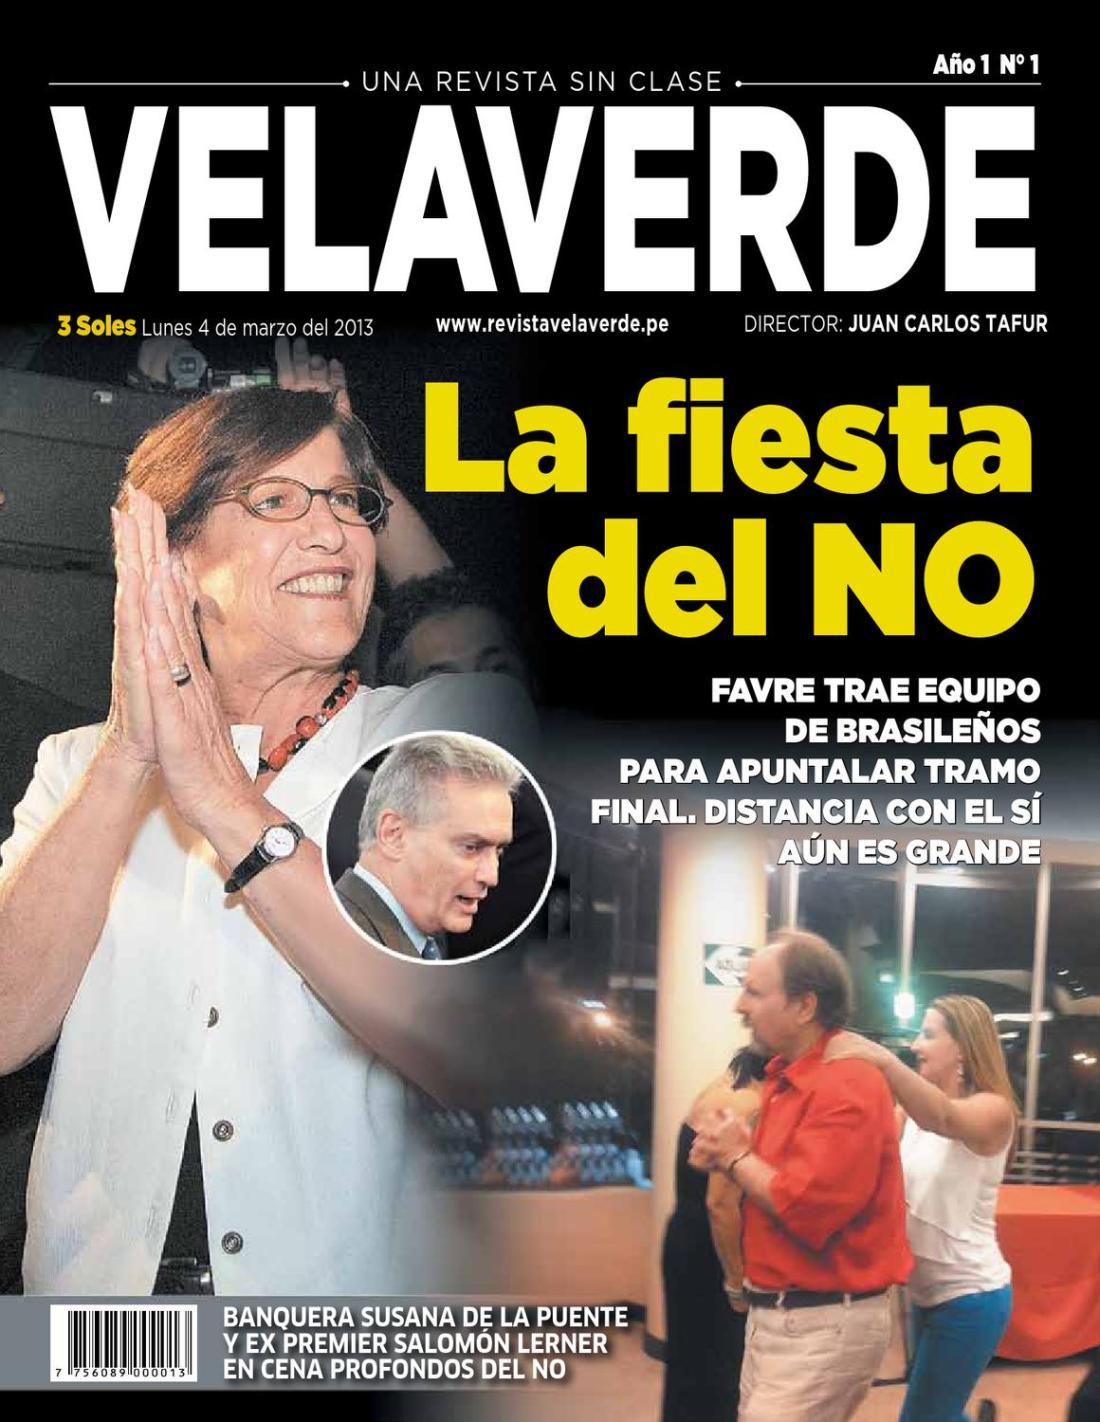 Velaverde 1